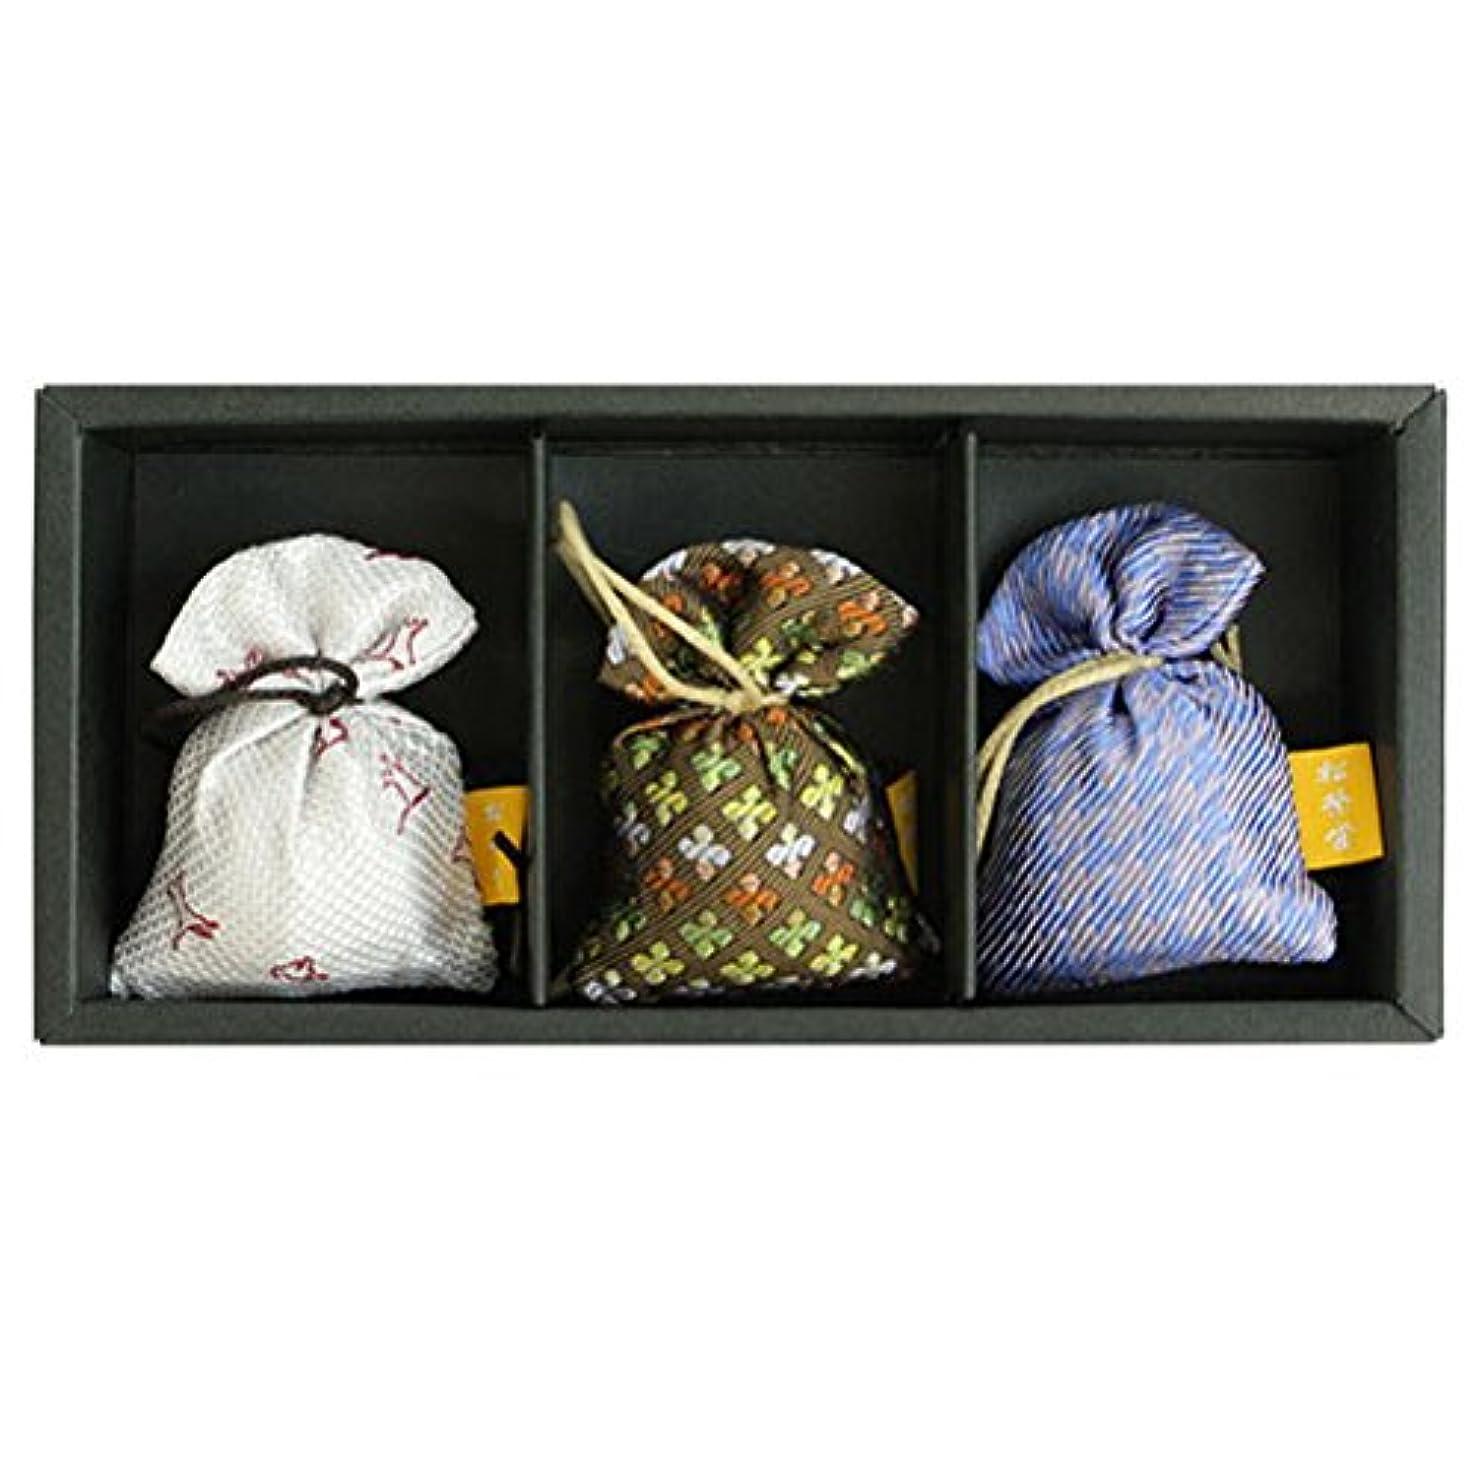 紫の石膏良さ匂い袋 誰が袖 薫 かおる 3個入 松栄堂 Shoyeido 本体長さ60mm (色?柄は選べません)